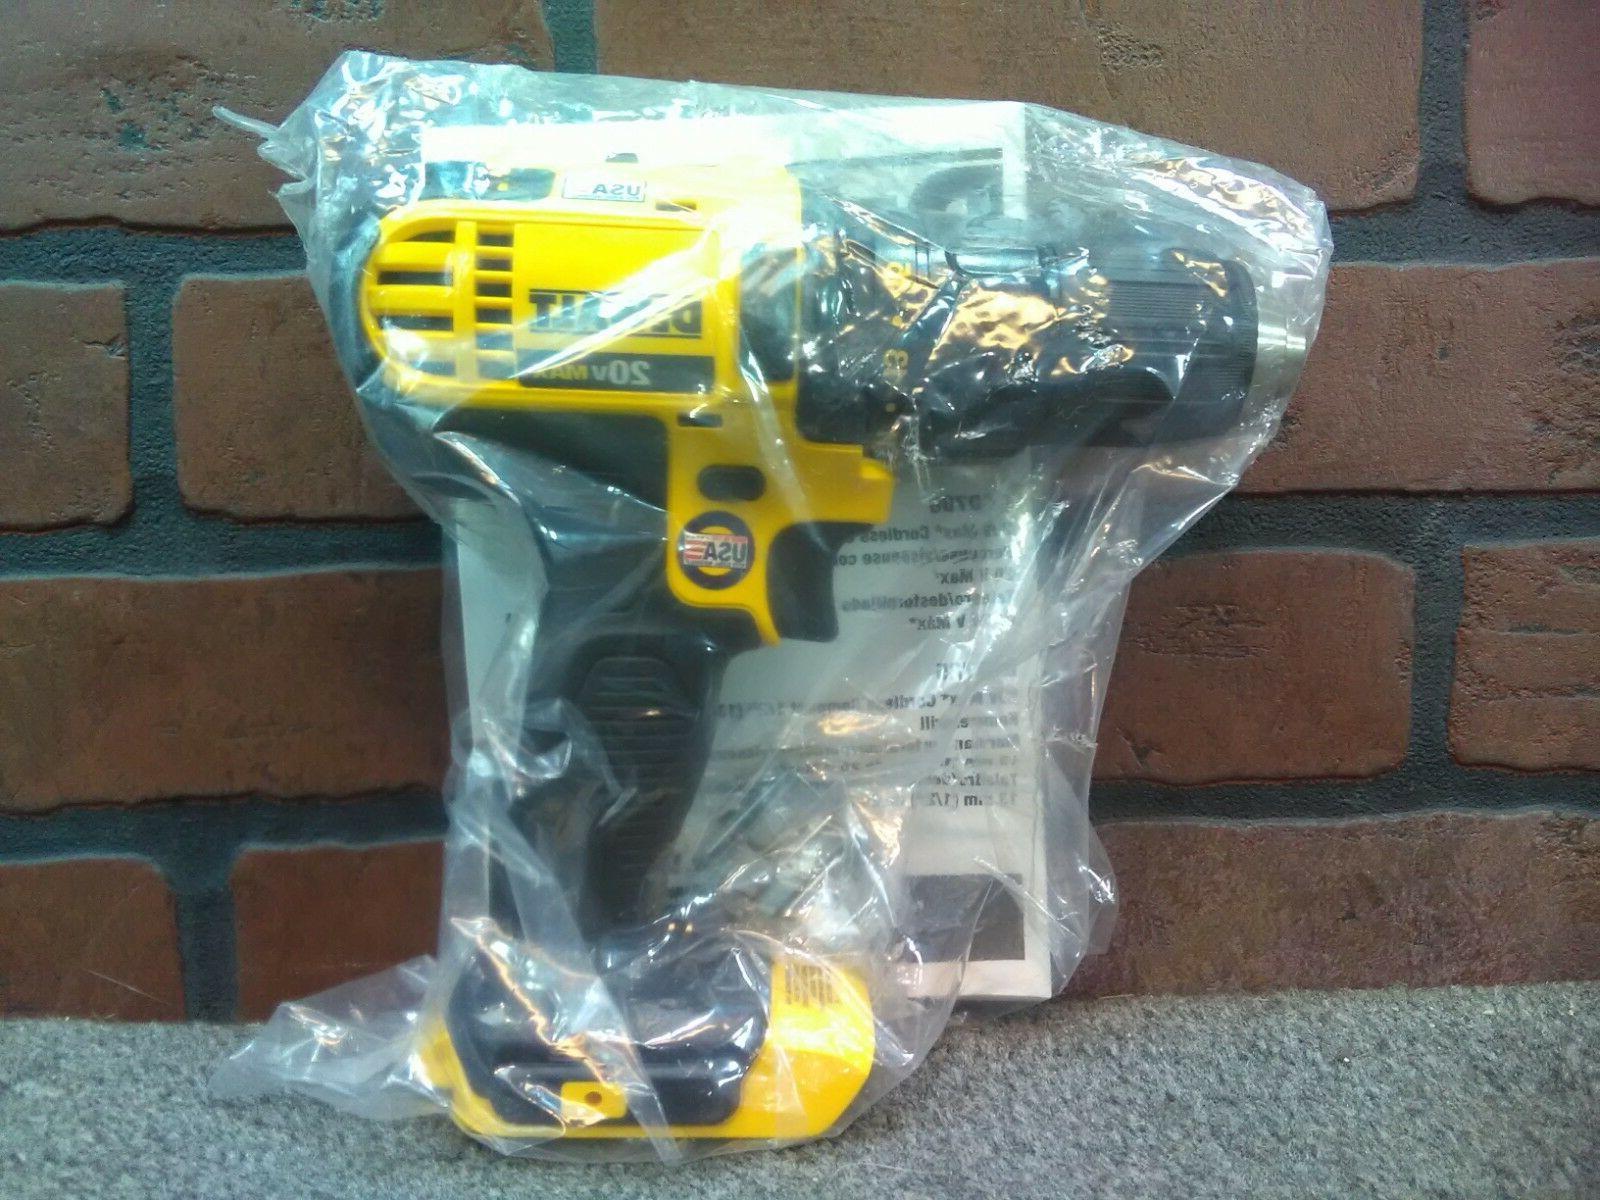 dcd780b 20v max 1 2 drill driver